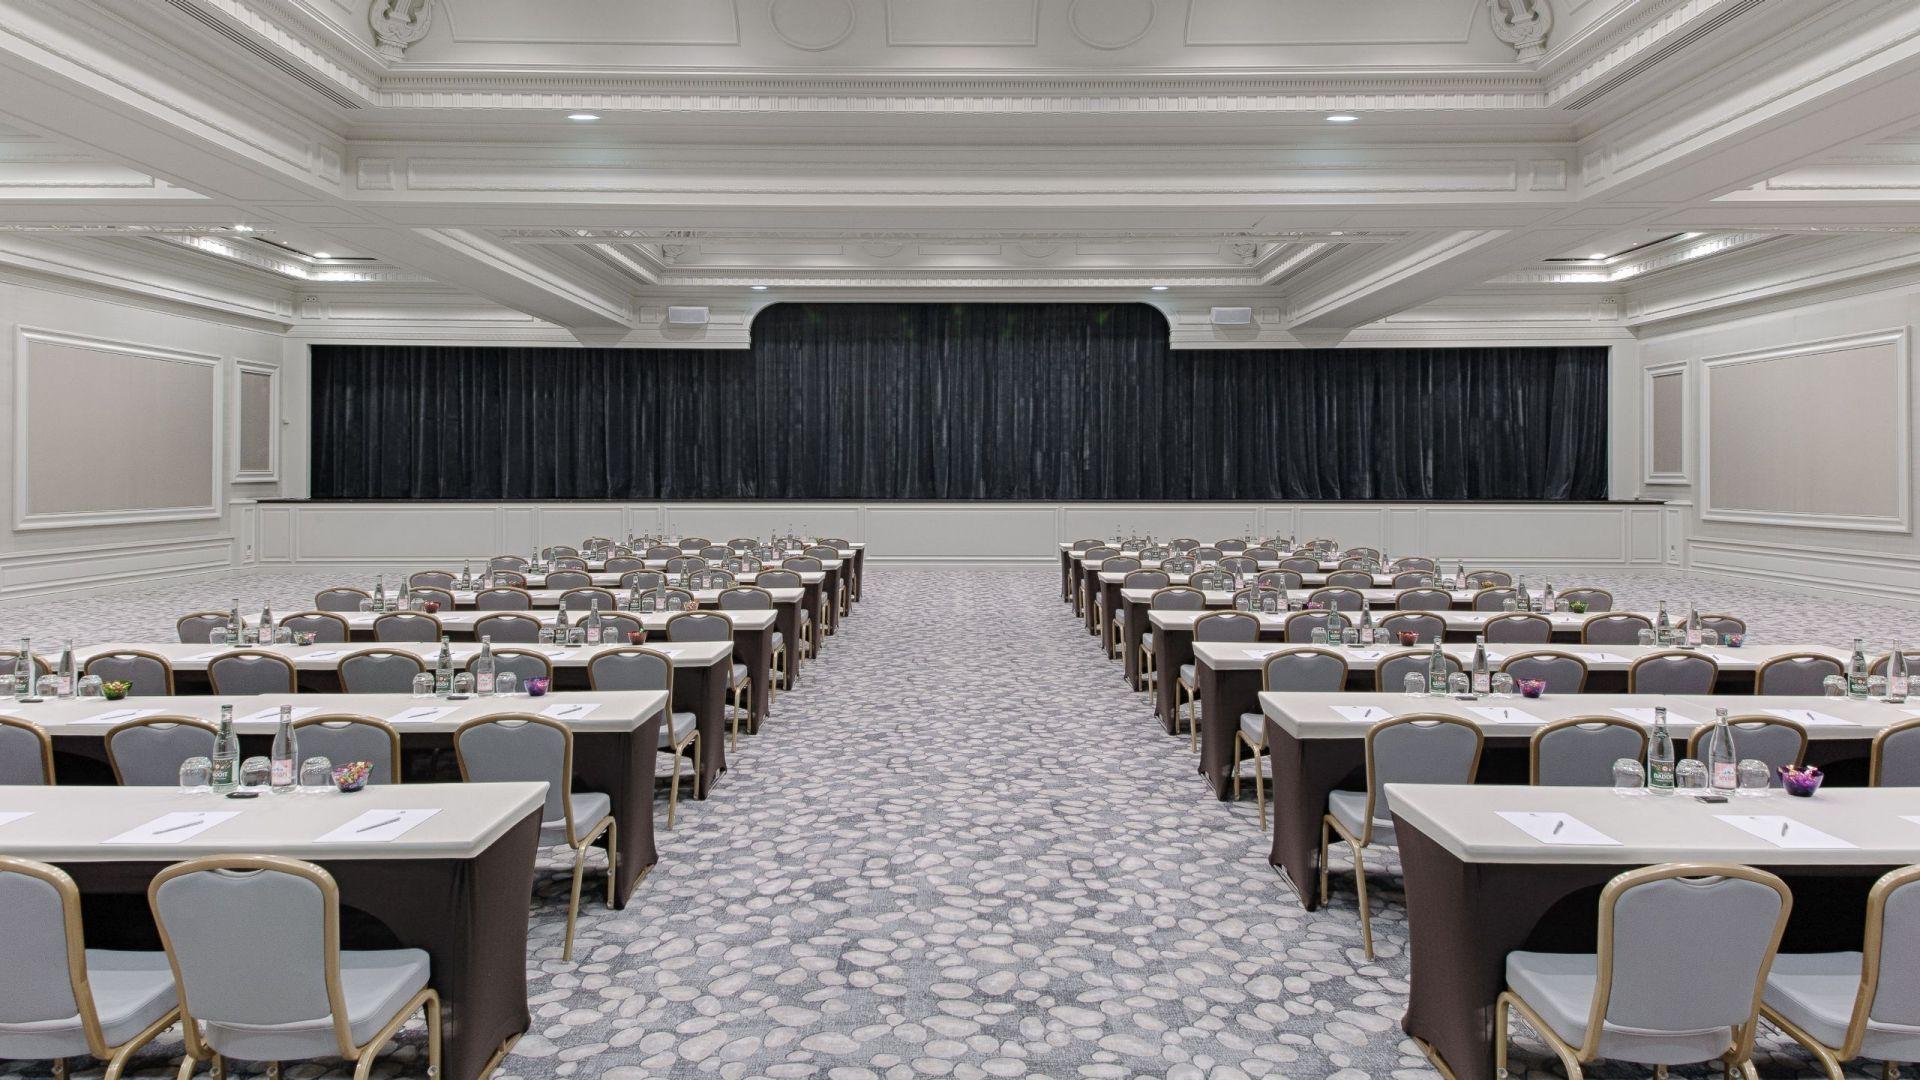 Salle de Conférence Riviera à l'Hôtel Hyatt Regency Nice Palais De La Méditerranée